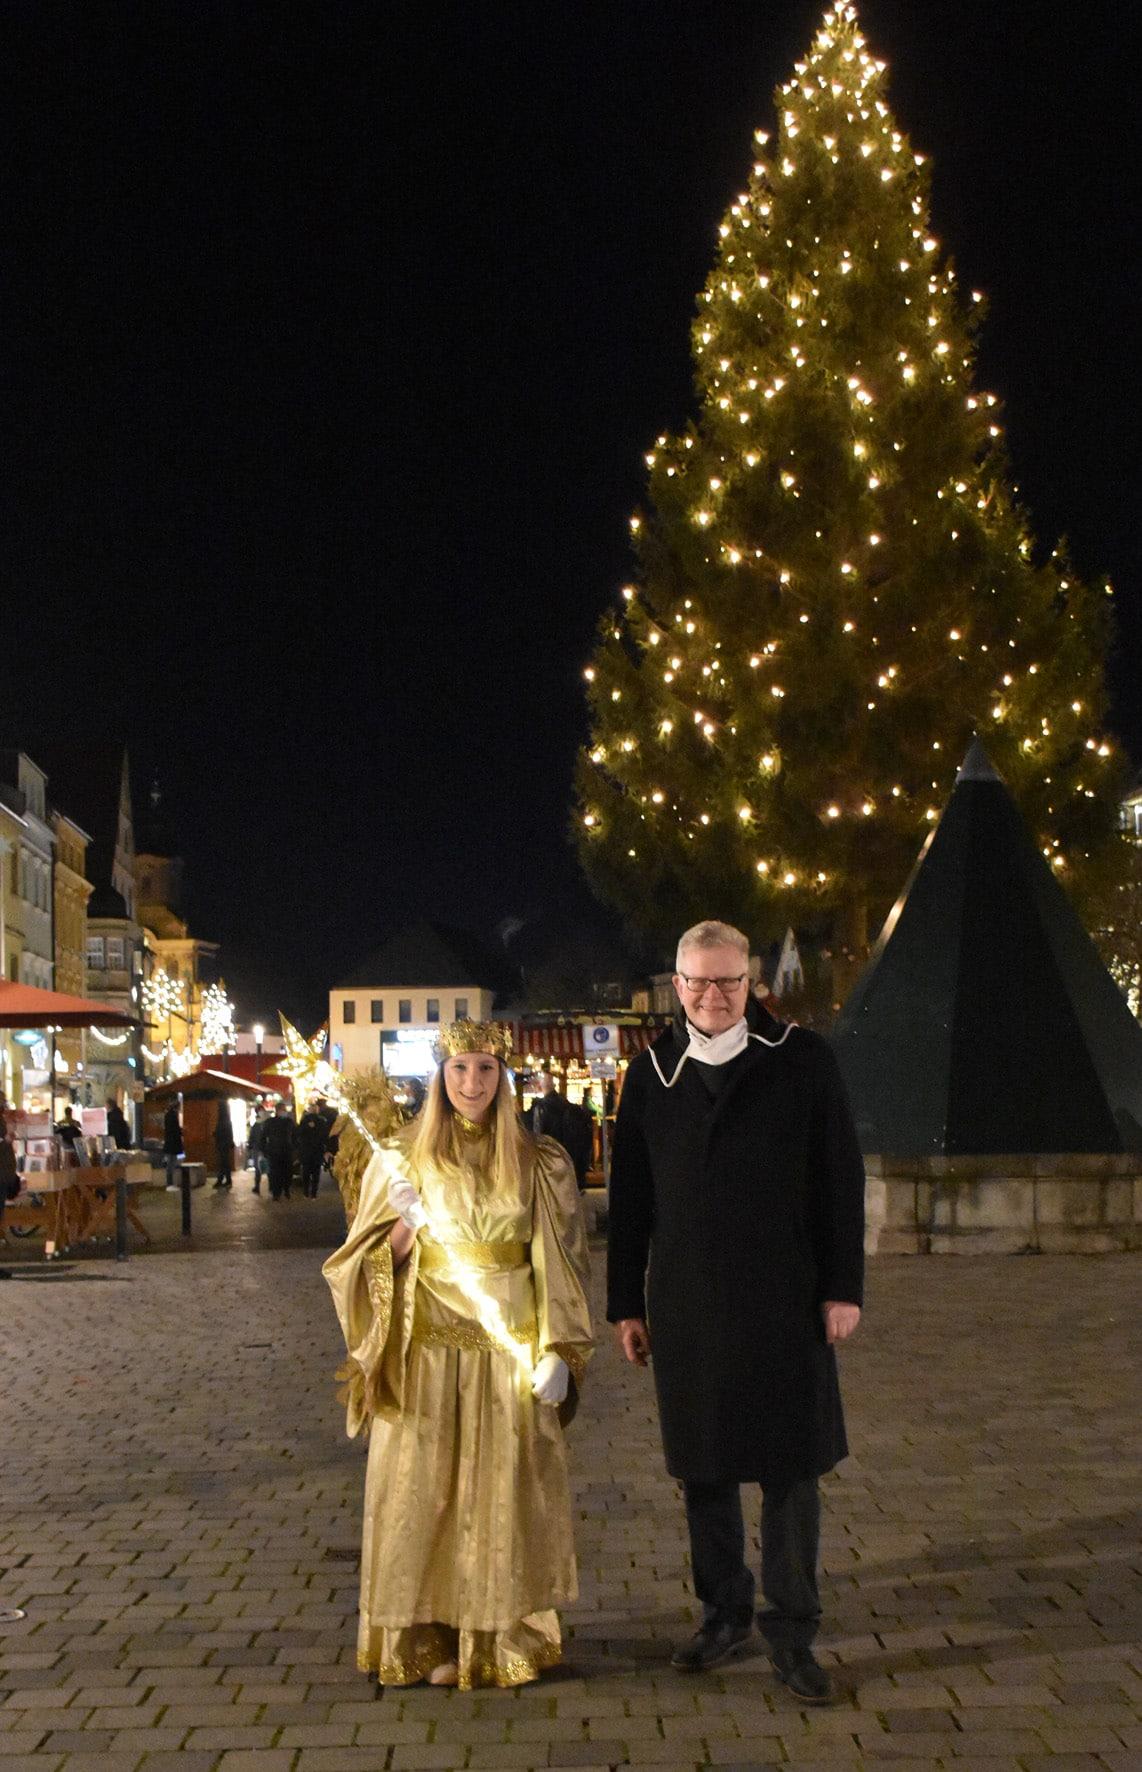 Christkind Nike Hellbach mit OB Ebersberger vor einem beleuchteten Weihnachtsbaum.n